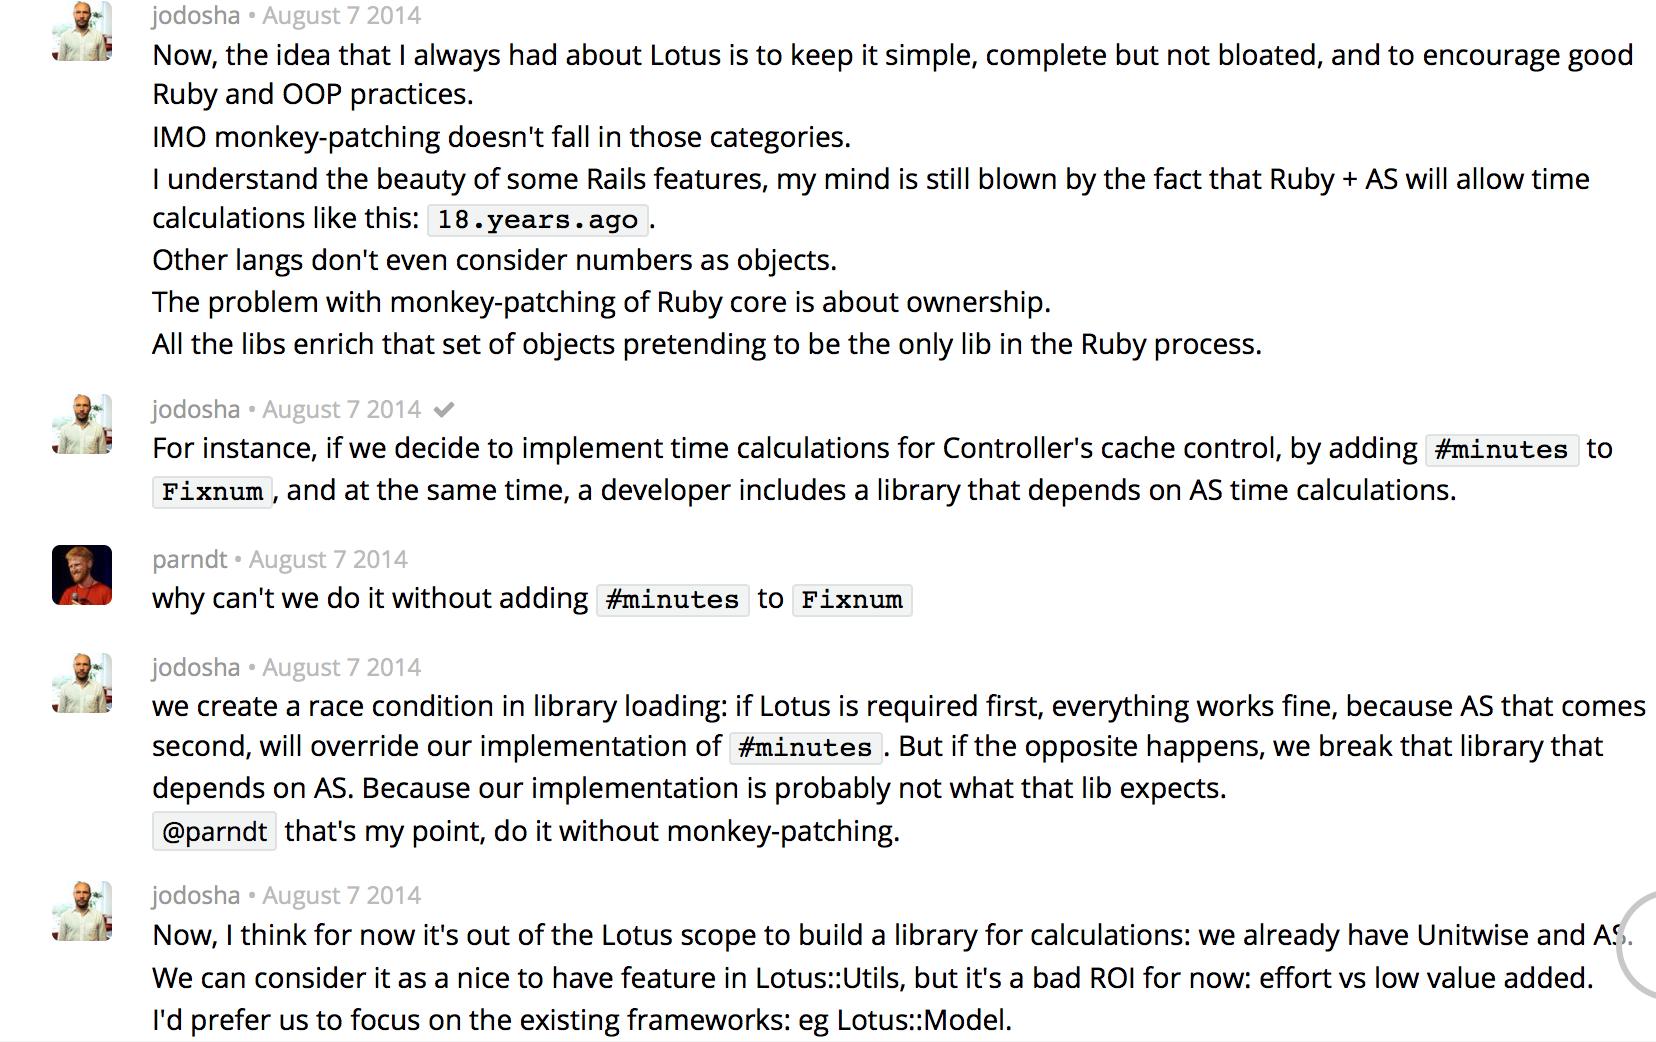 lotus_chat